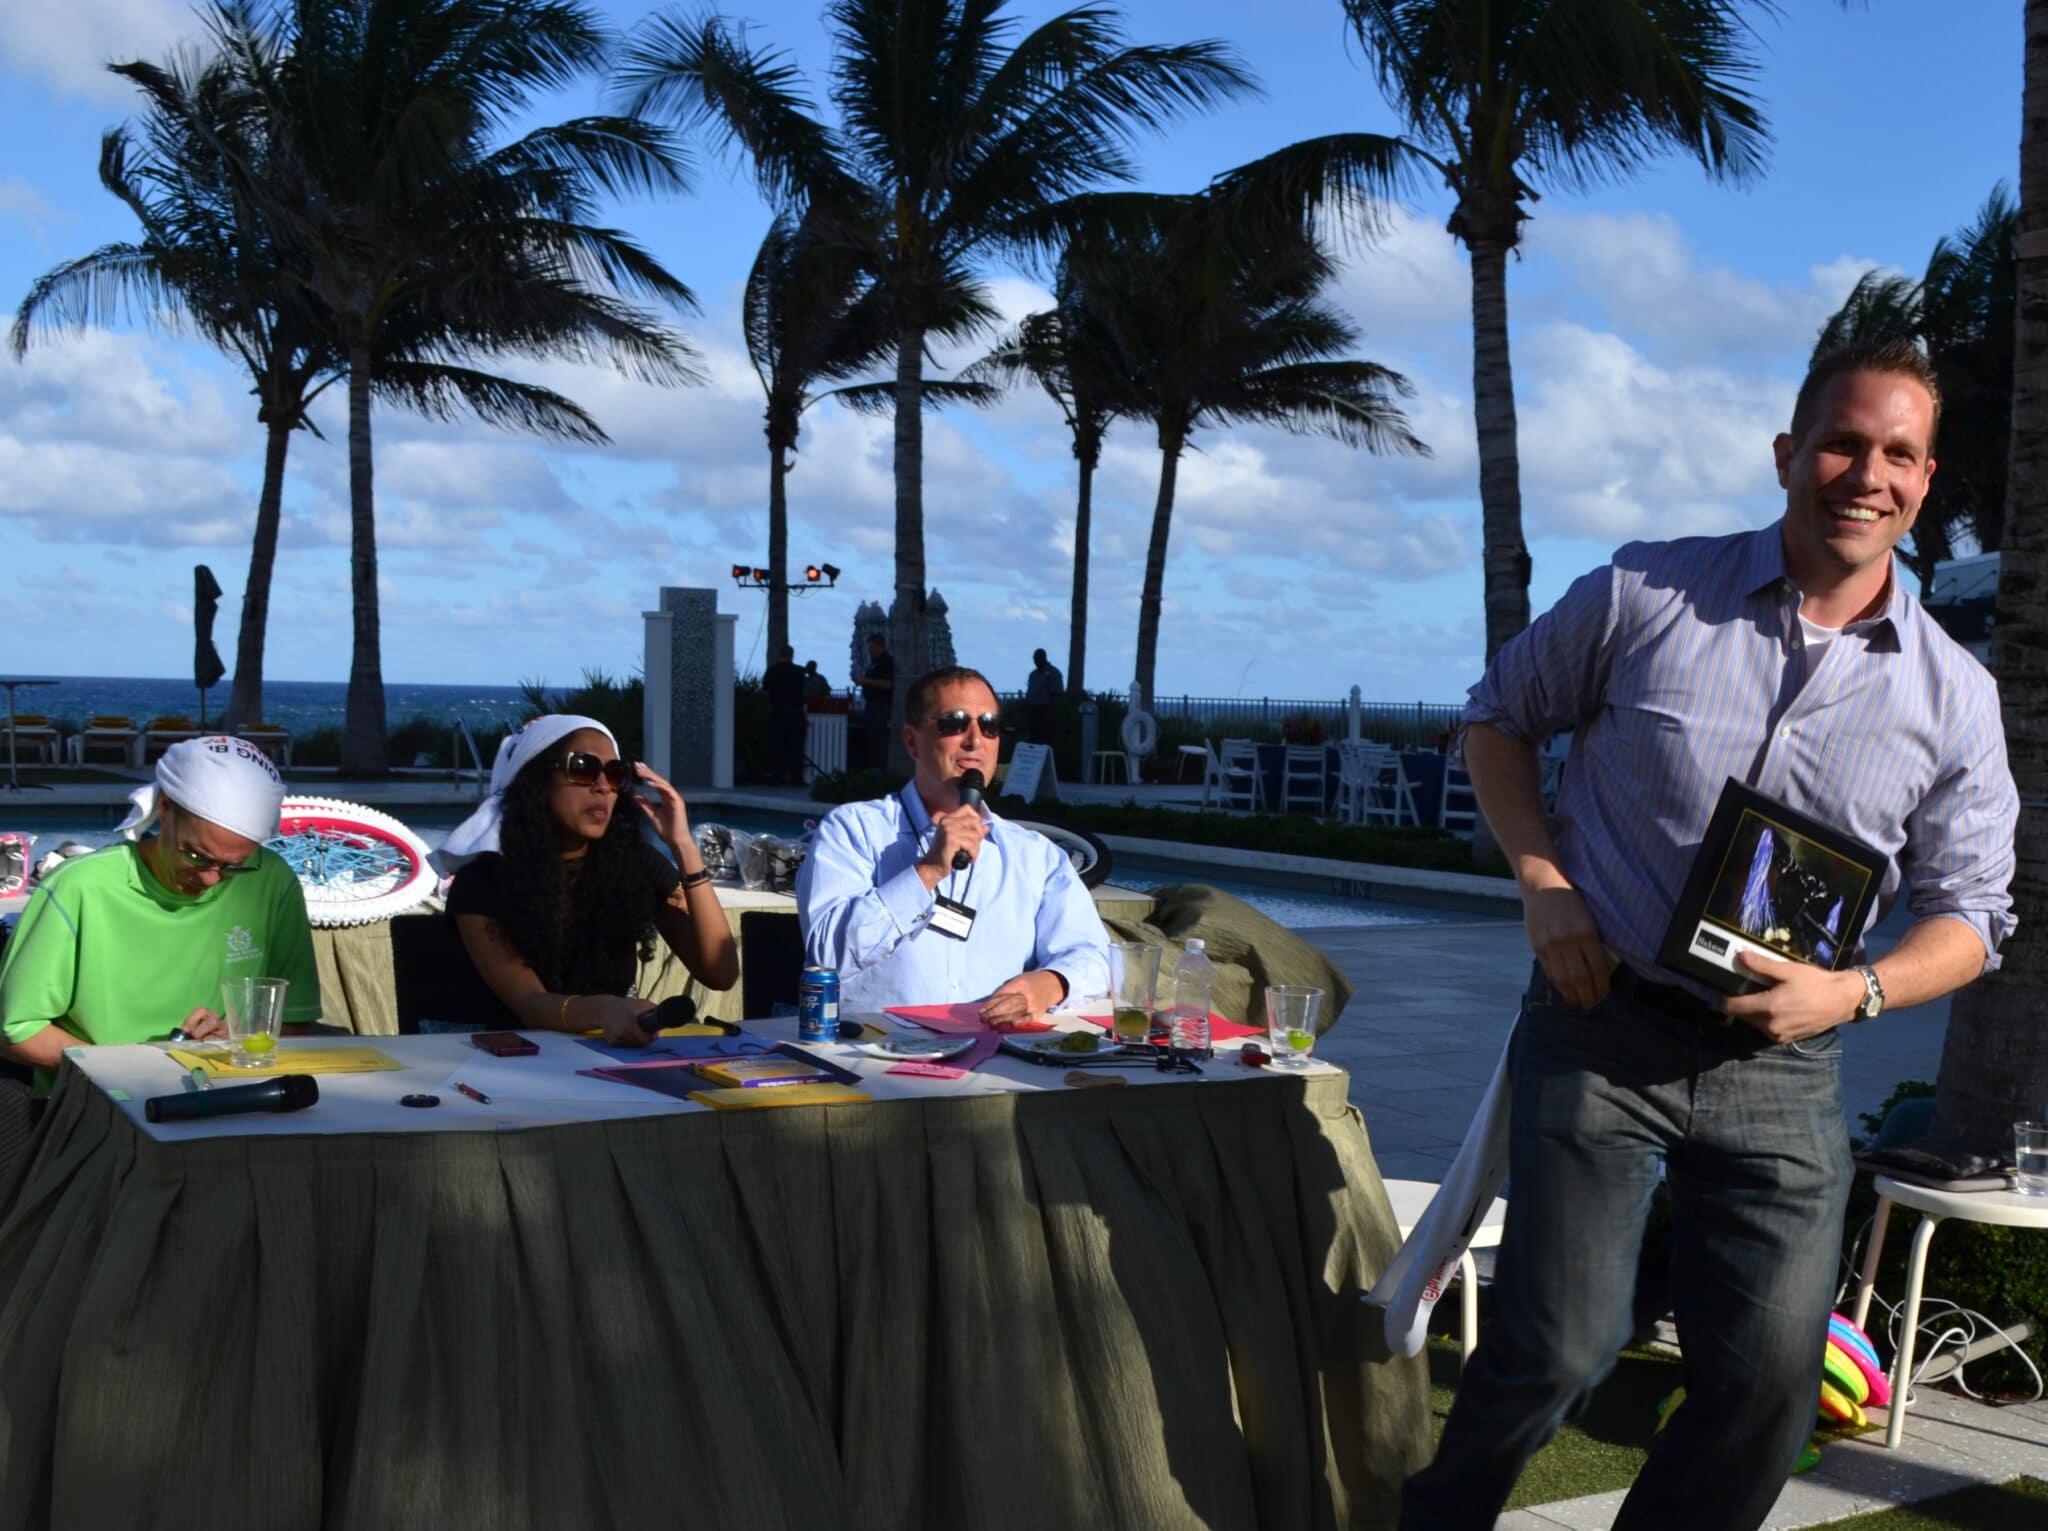 Blackstone Came Boca Raton Florida To Strengthen